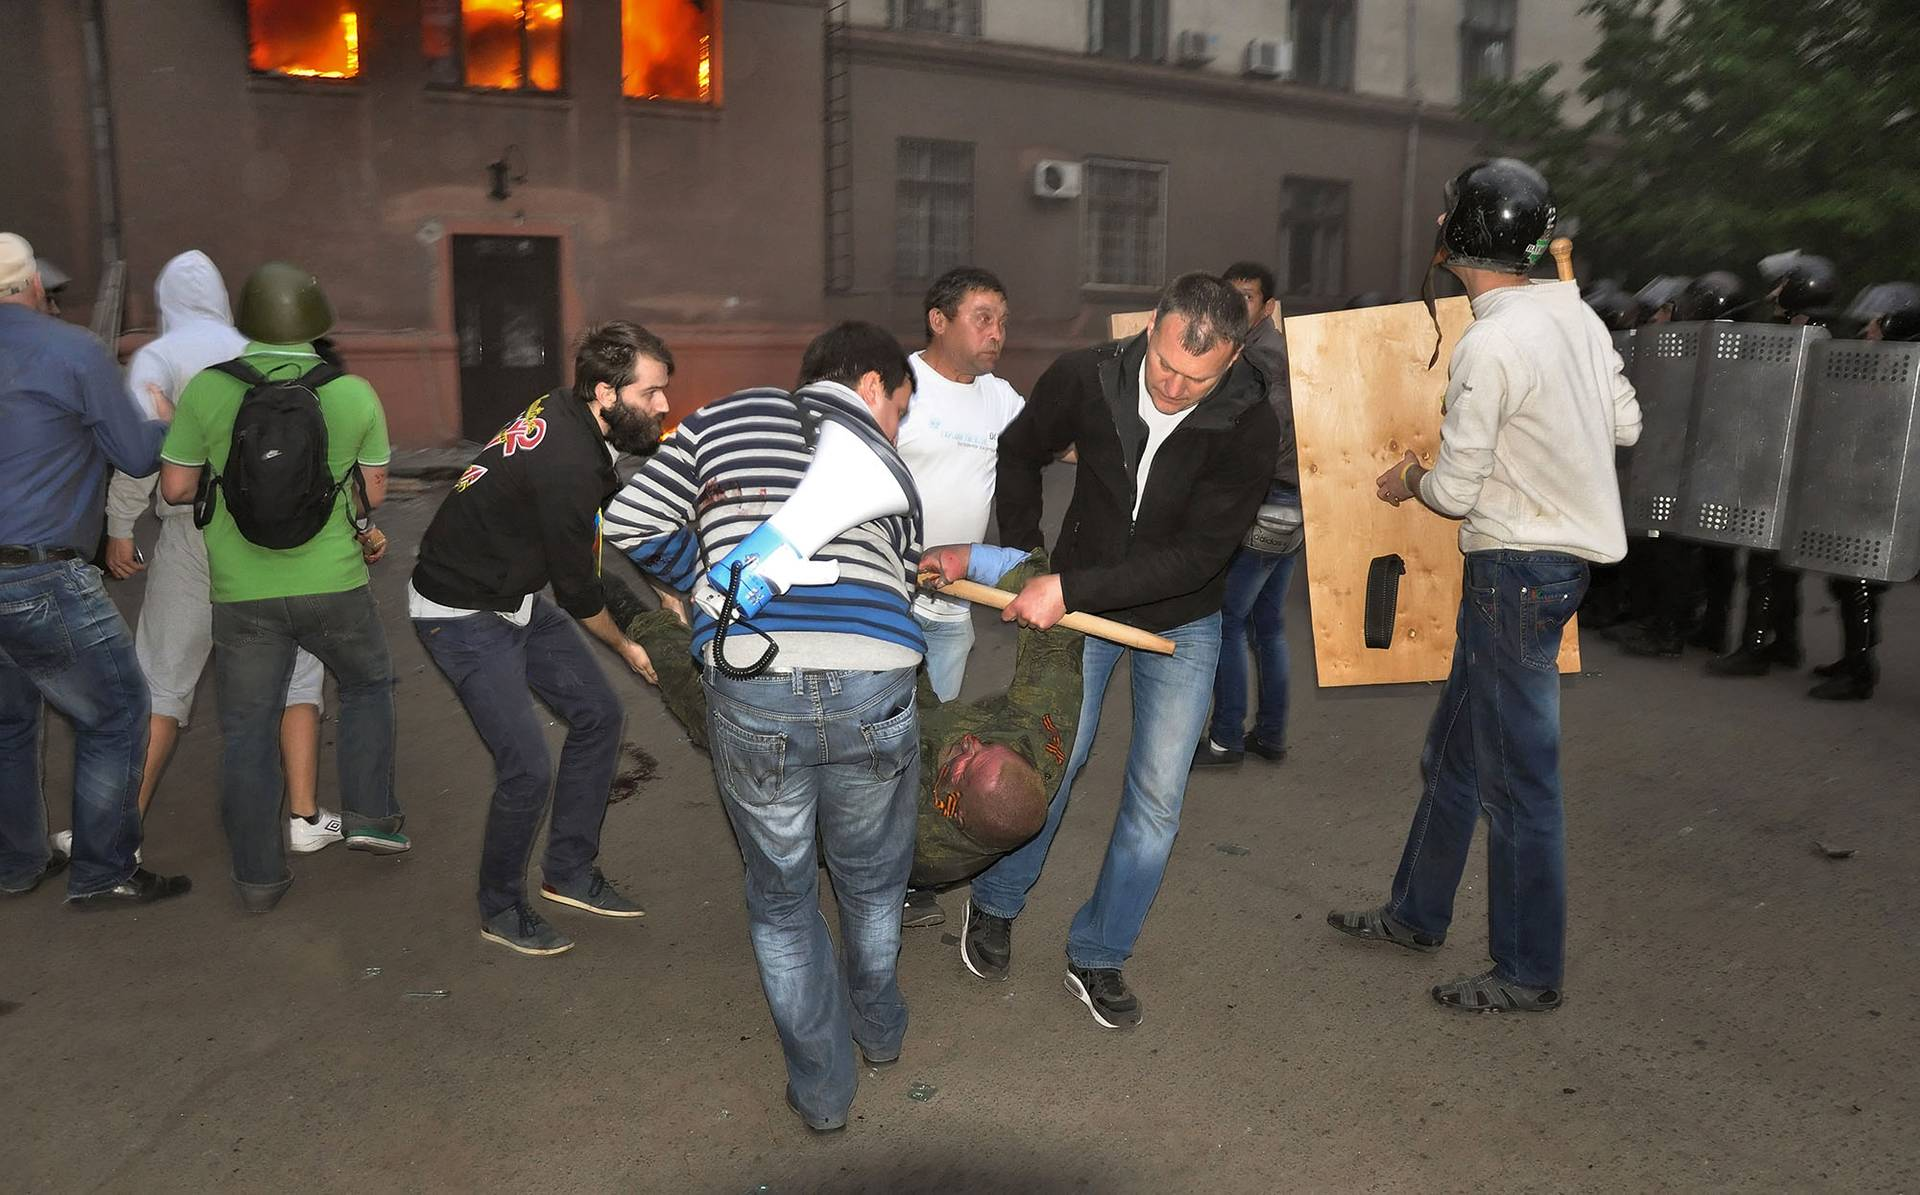 Люди намагаються допомогти пораненому проросійському активісту під час пожежі в будівлі Профспілок в Одесі, 2 травня 2014 року